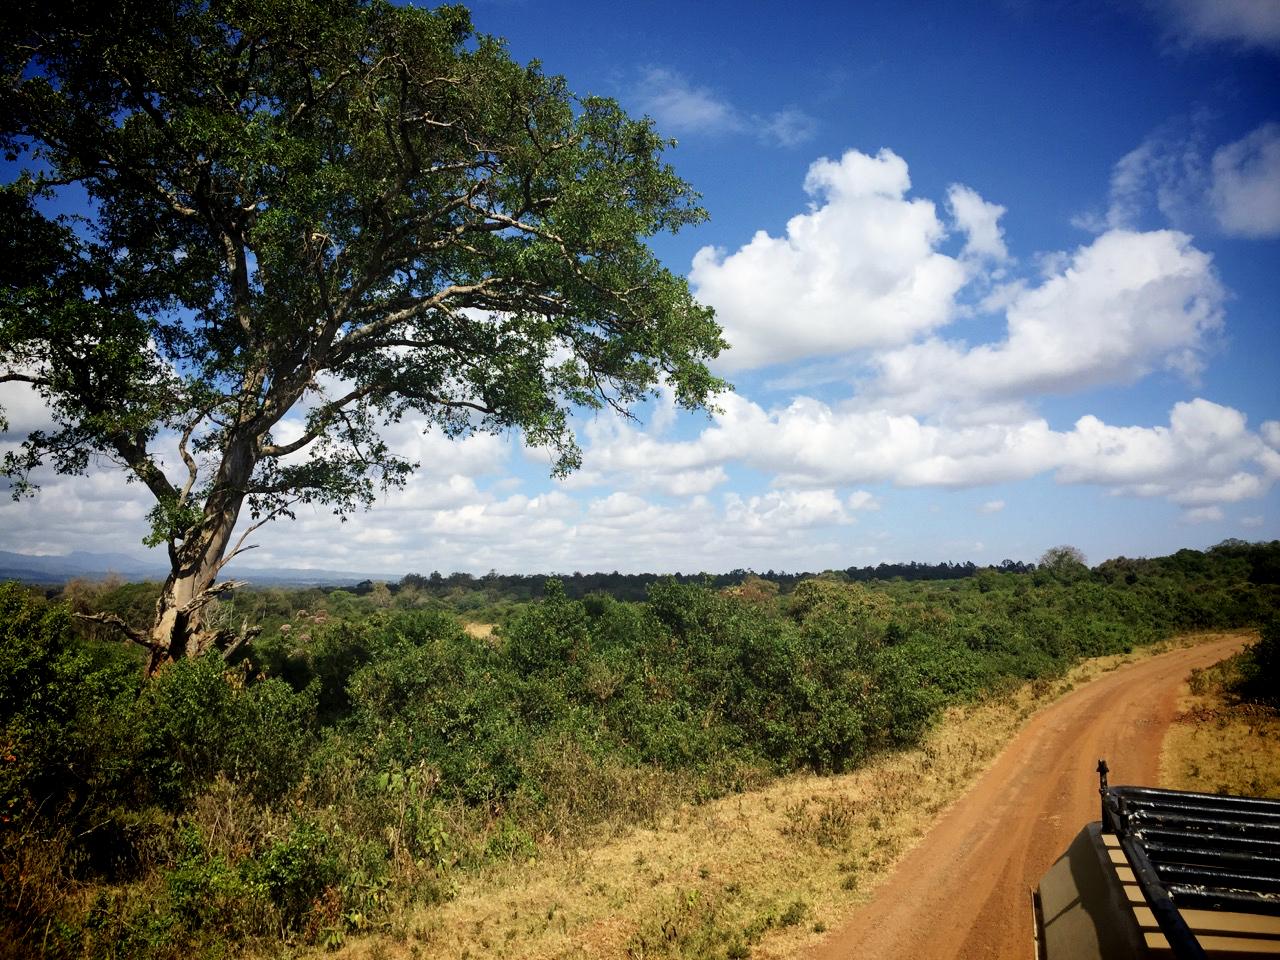 Gelassenheit durch Resilienz in Kenia - Aberdares